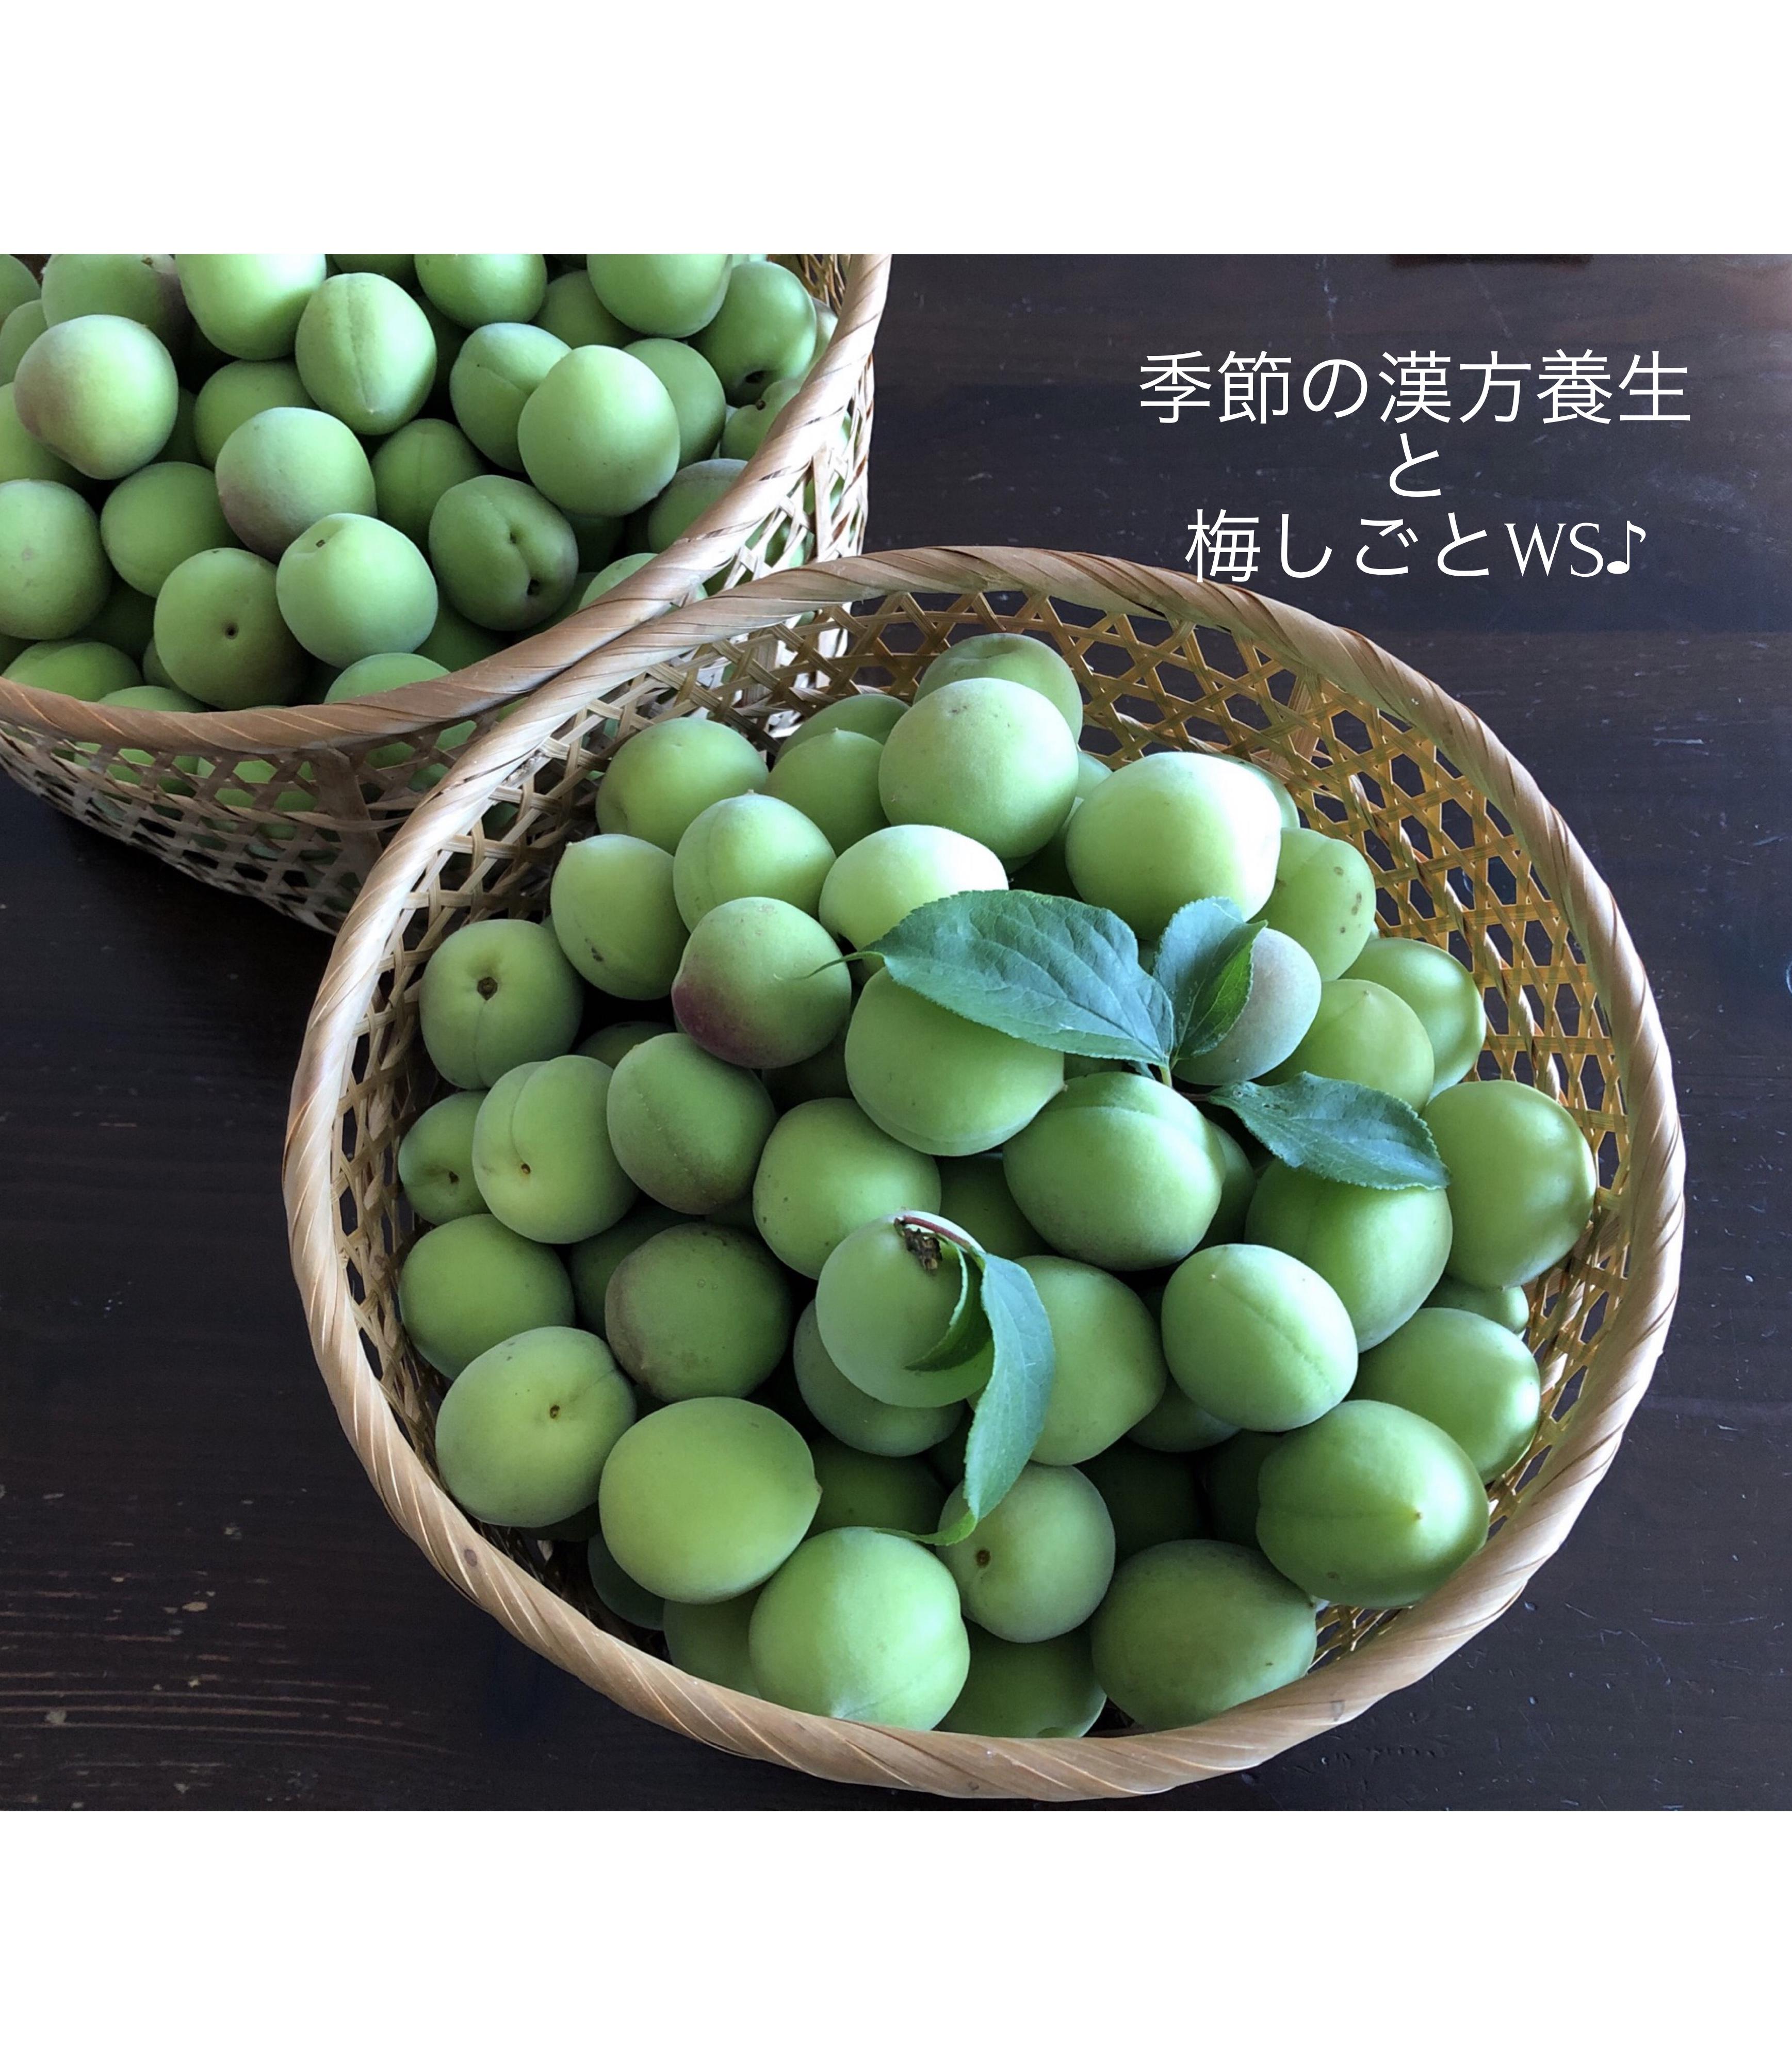 季節の漢方養生と梅しごと♪